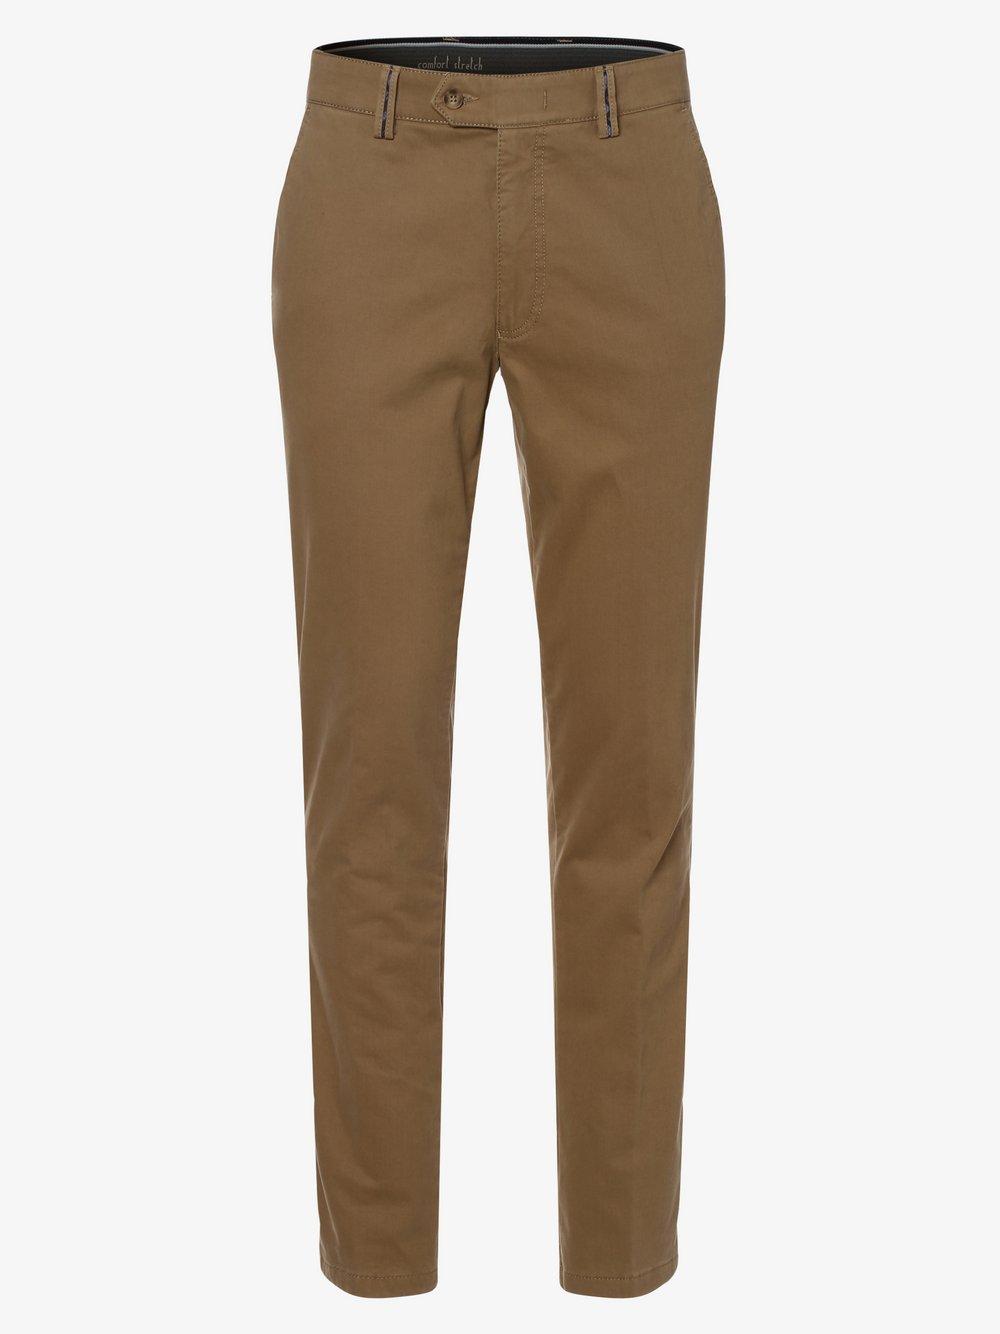 Van Graaf – Spodnie męskie –Brady-40, beżowy Van Graaf 449608-0001